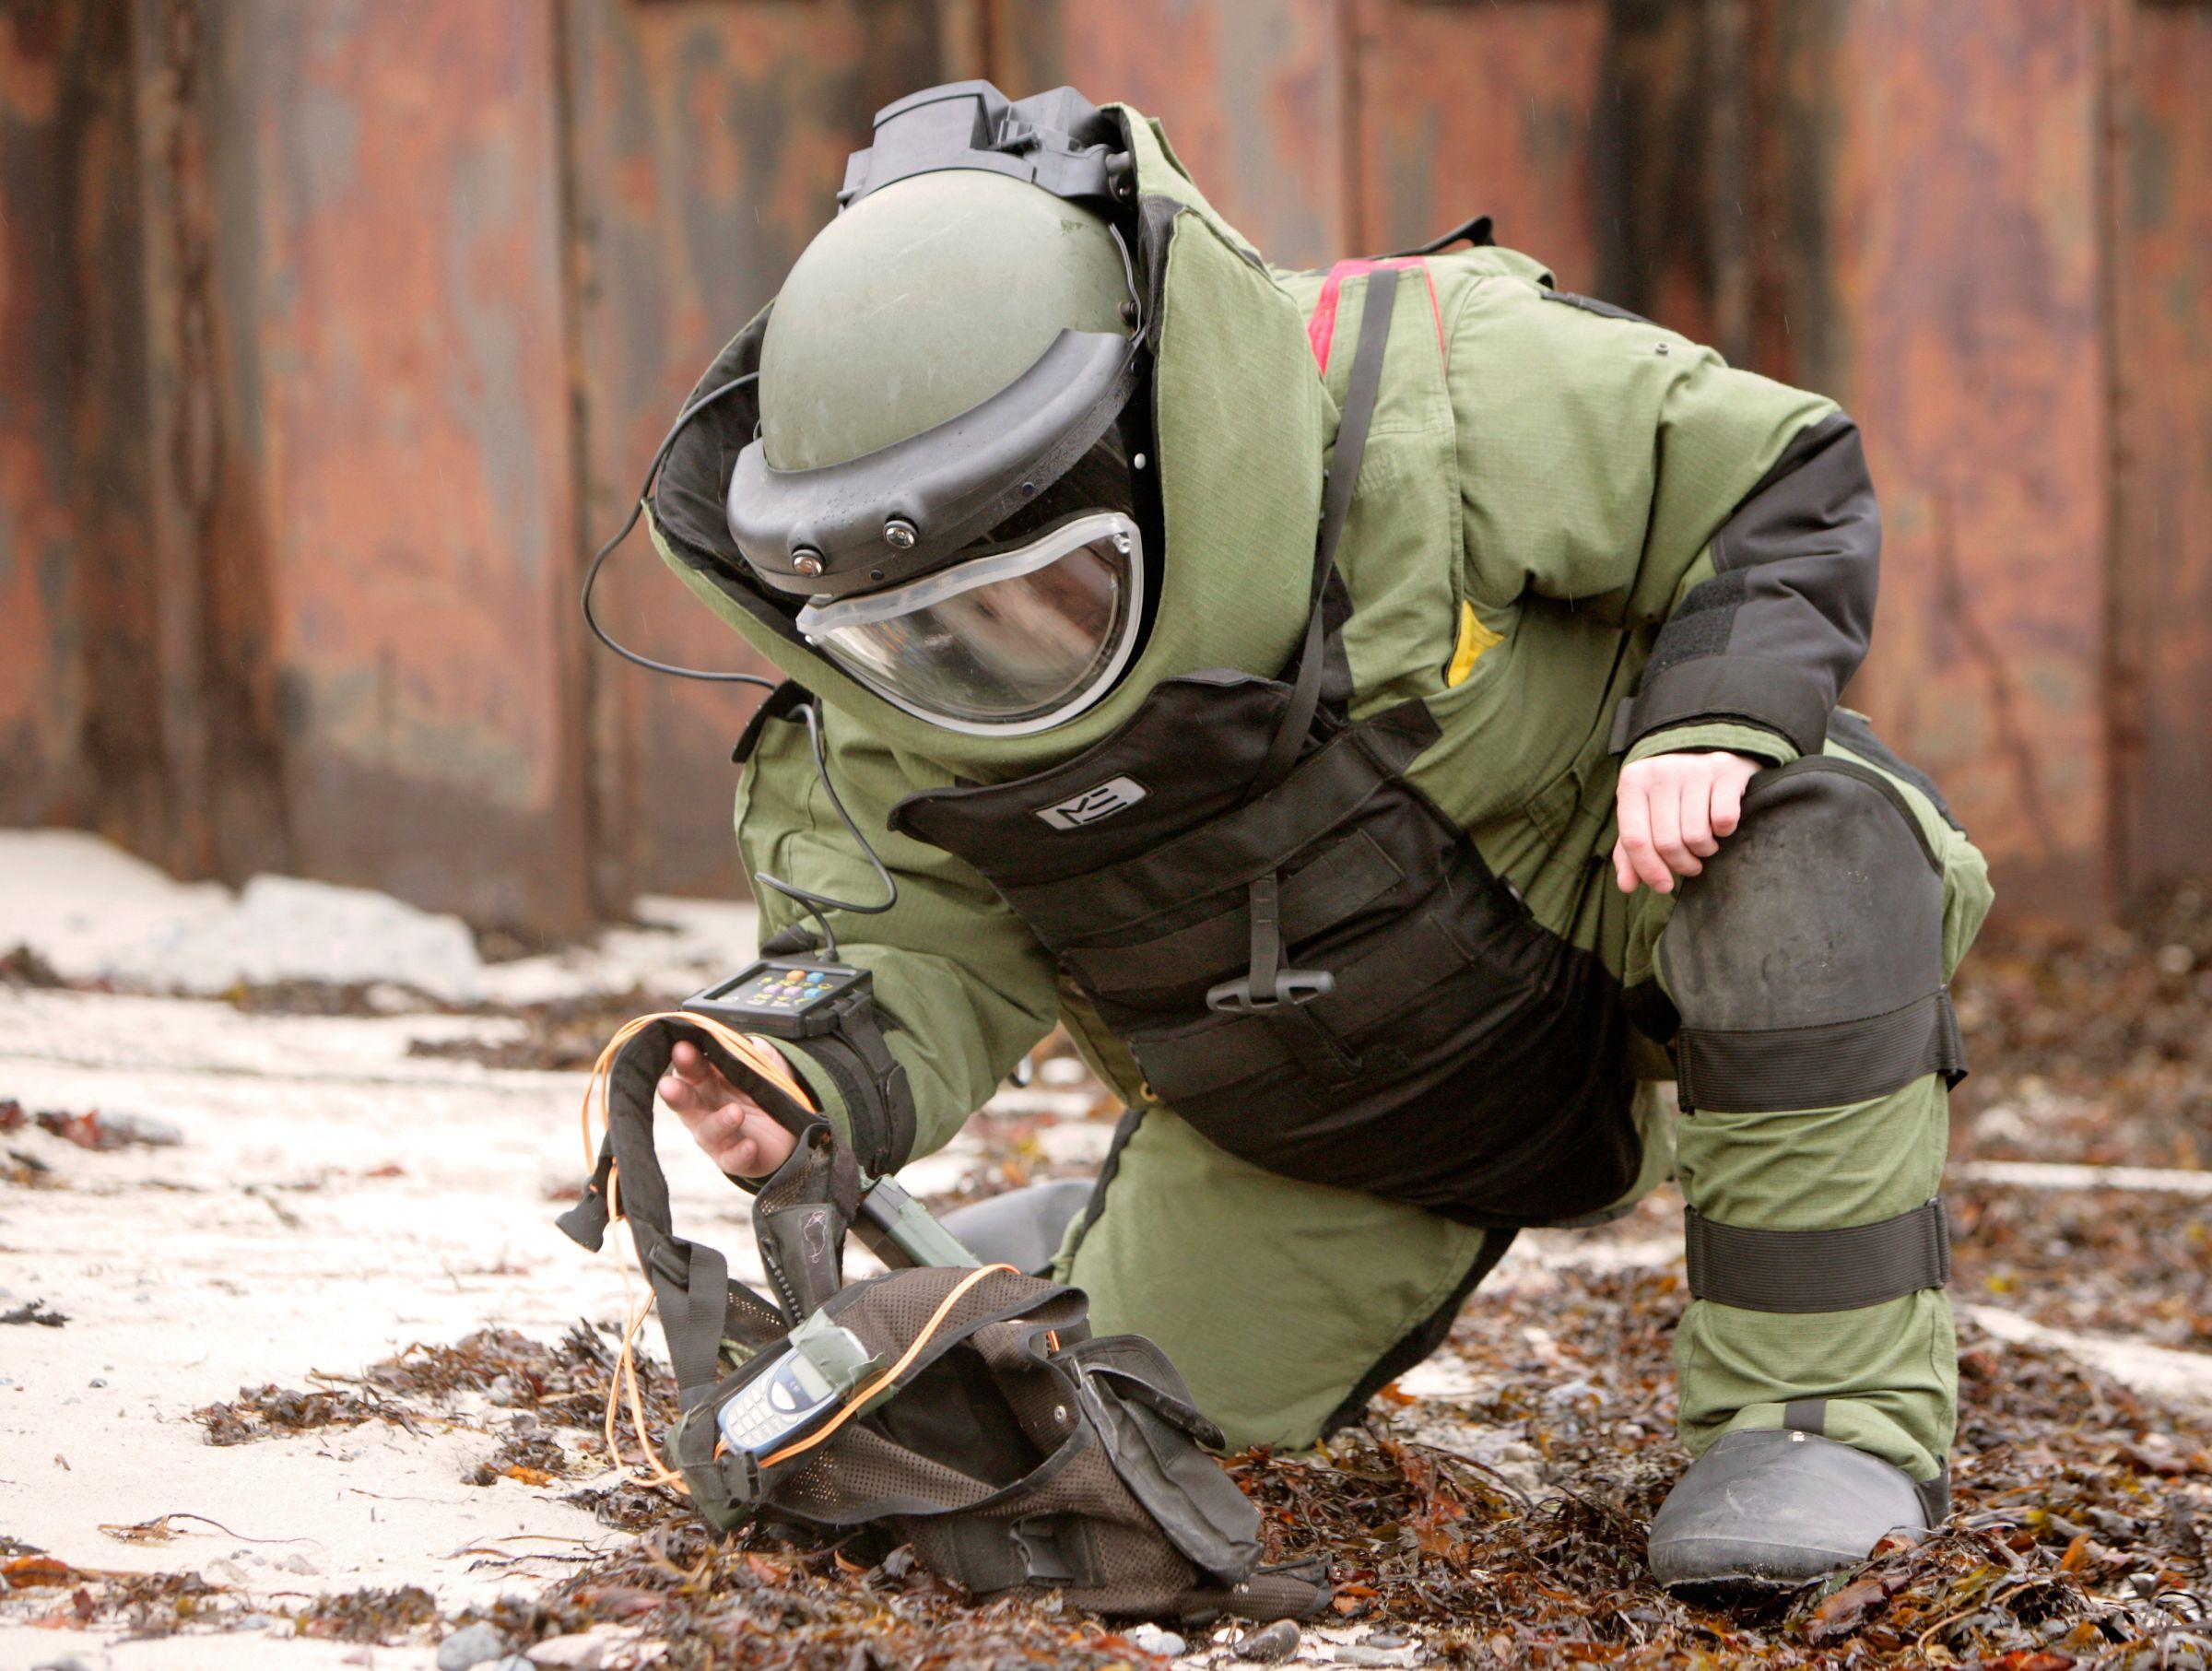 Untersuchung einer verdächtigten Weste auf Sprengstoff.